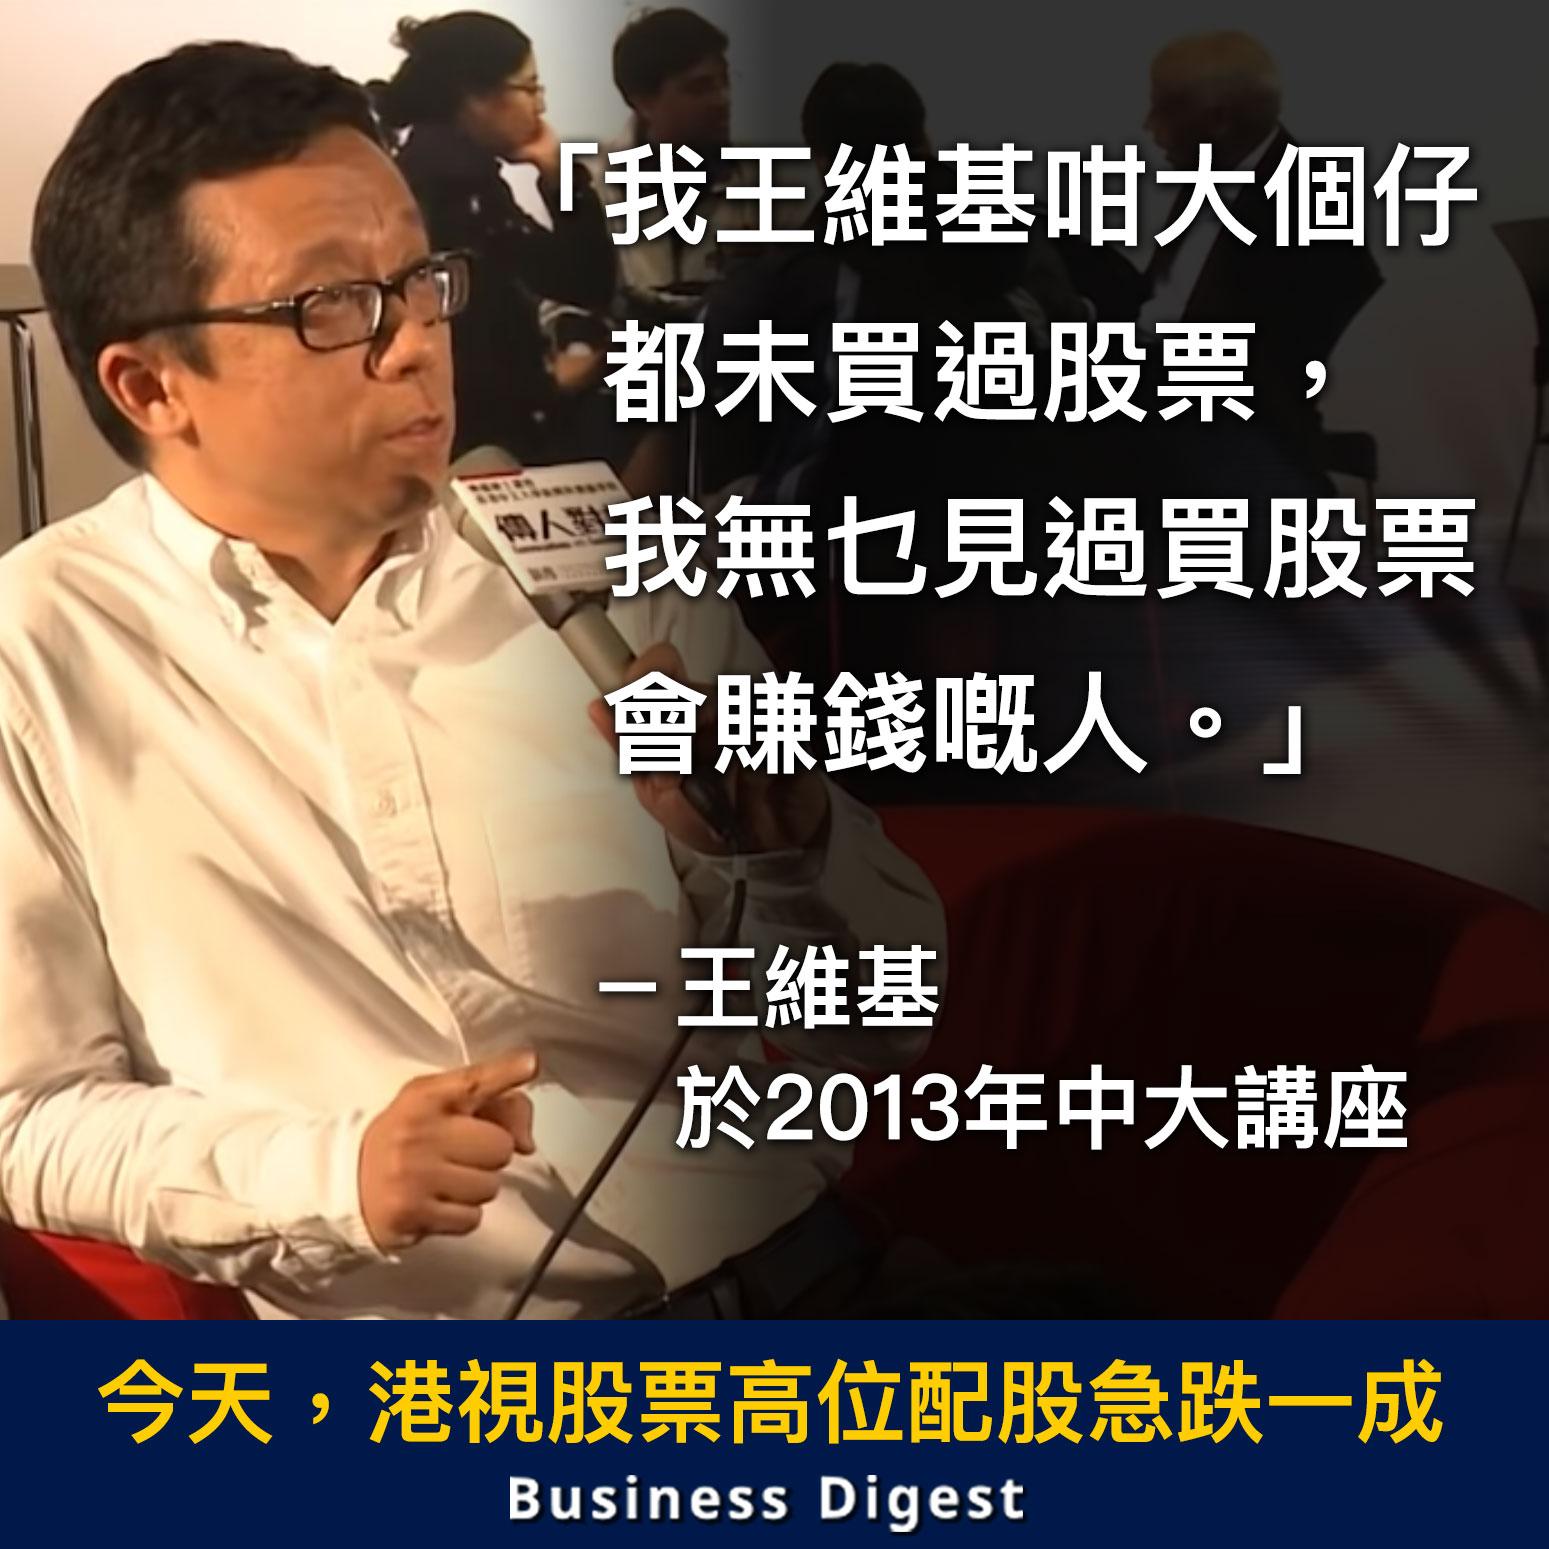 【商業熱話】今天,香港電視股票高位配股急跌一成